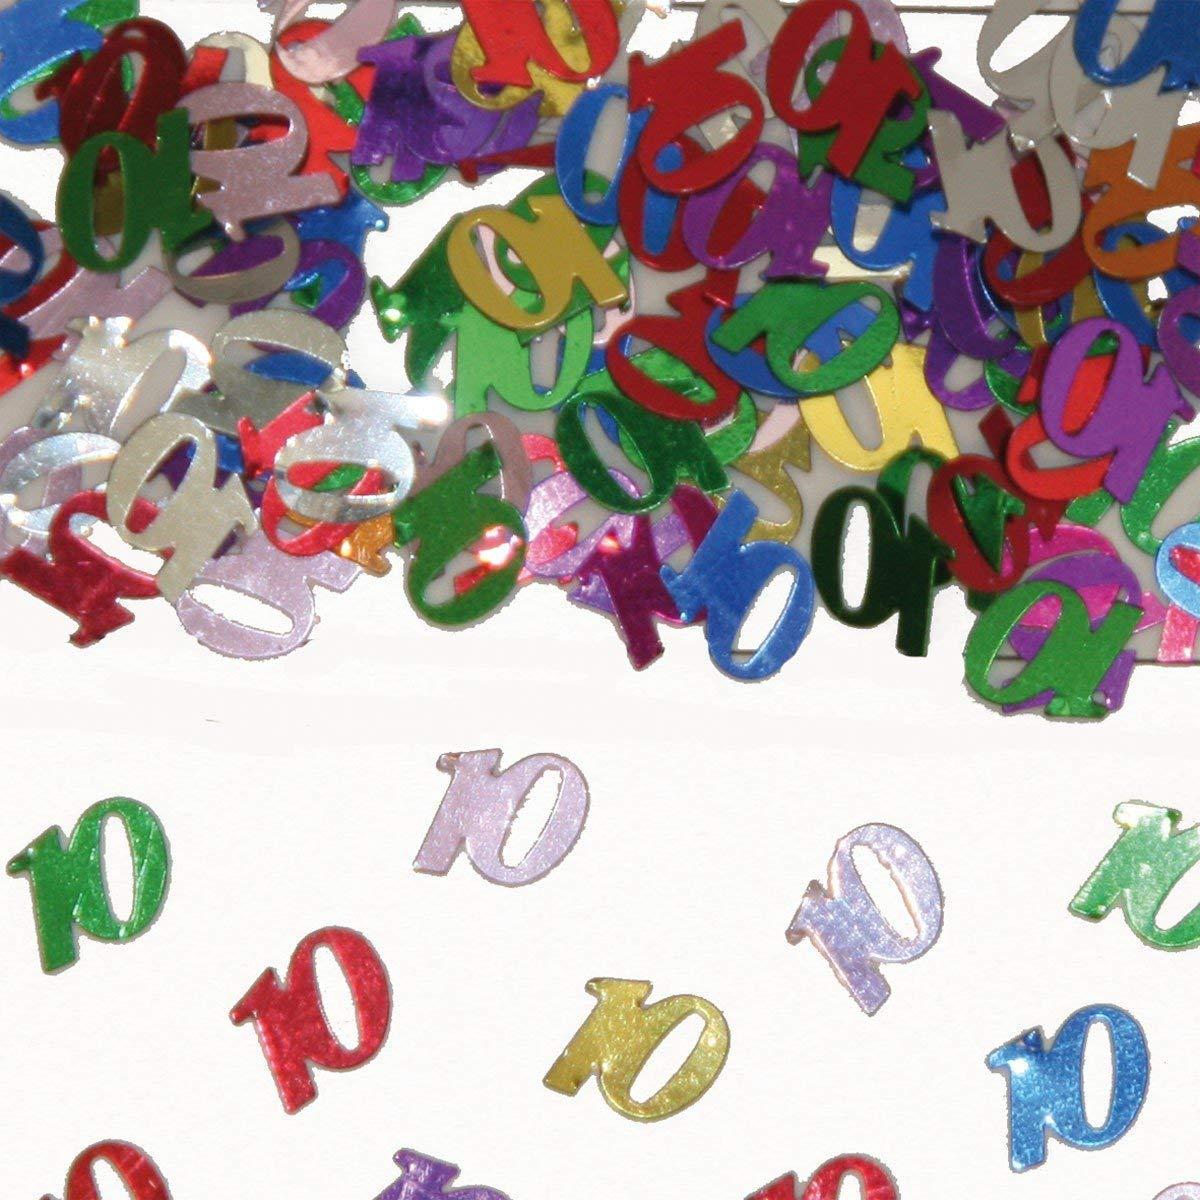 Party Konfetti Streudekoration zum 10ten Geburtstag